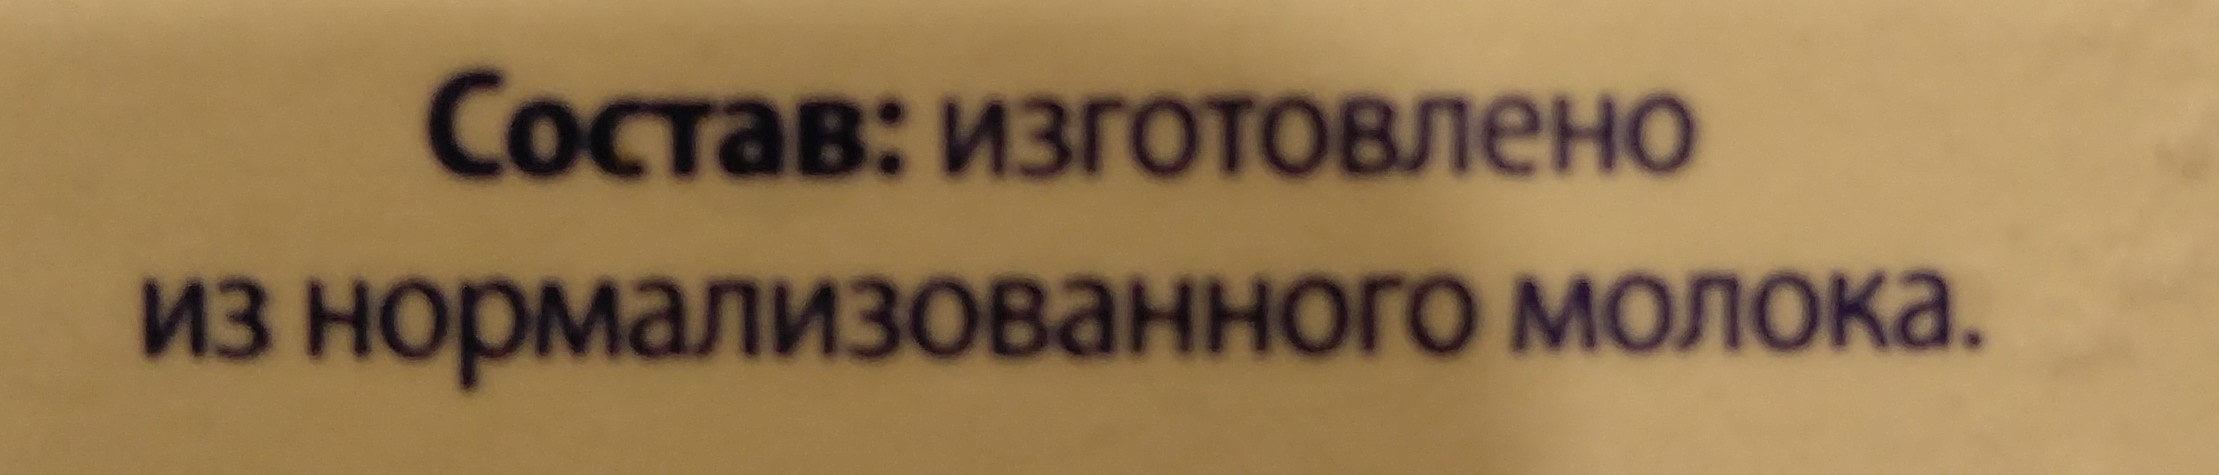 Молоко пастеризованное 2,5% - Ingrediënten - ru